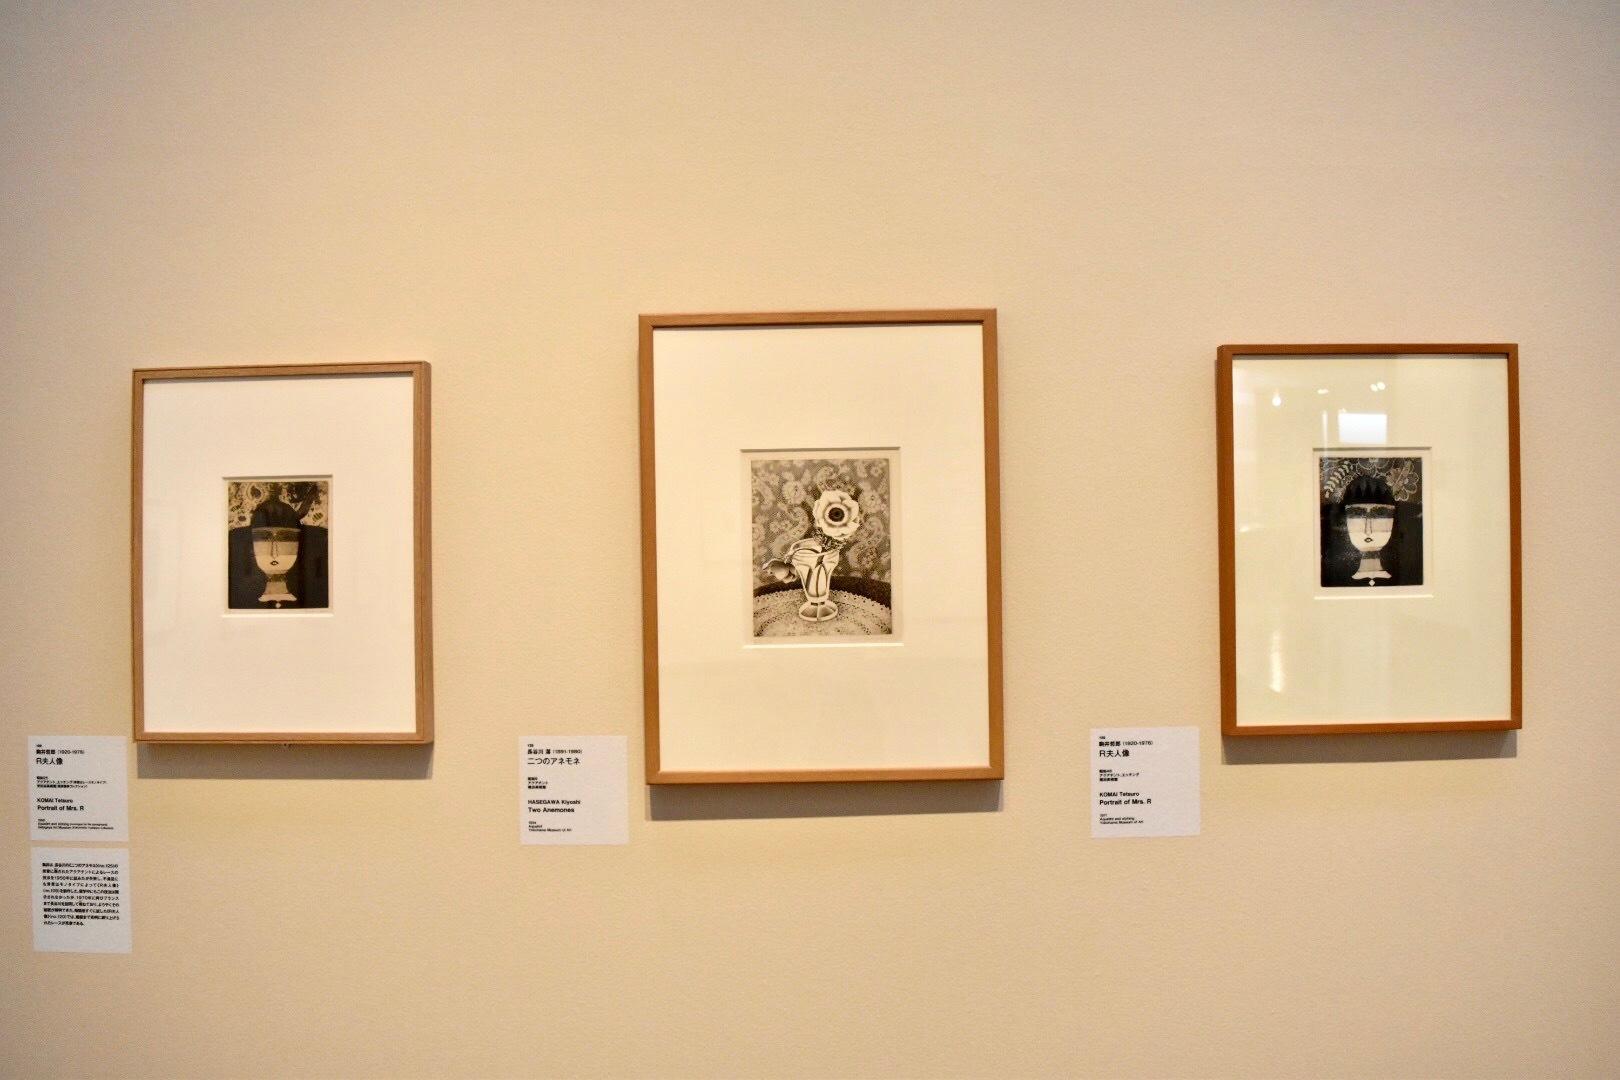 左から:《R夫人像》 駒井哲郎 昭和25年 世田谷美術館(福原義春コレクション)、《二つのアネモネ》 長谷川潔 昭和9年 横浜美術館蔵、《R夫人像》 駒井哲郎 昭和46年 横浜美術館蔵